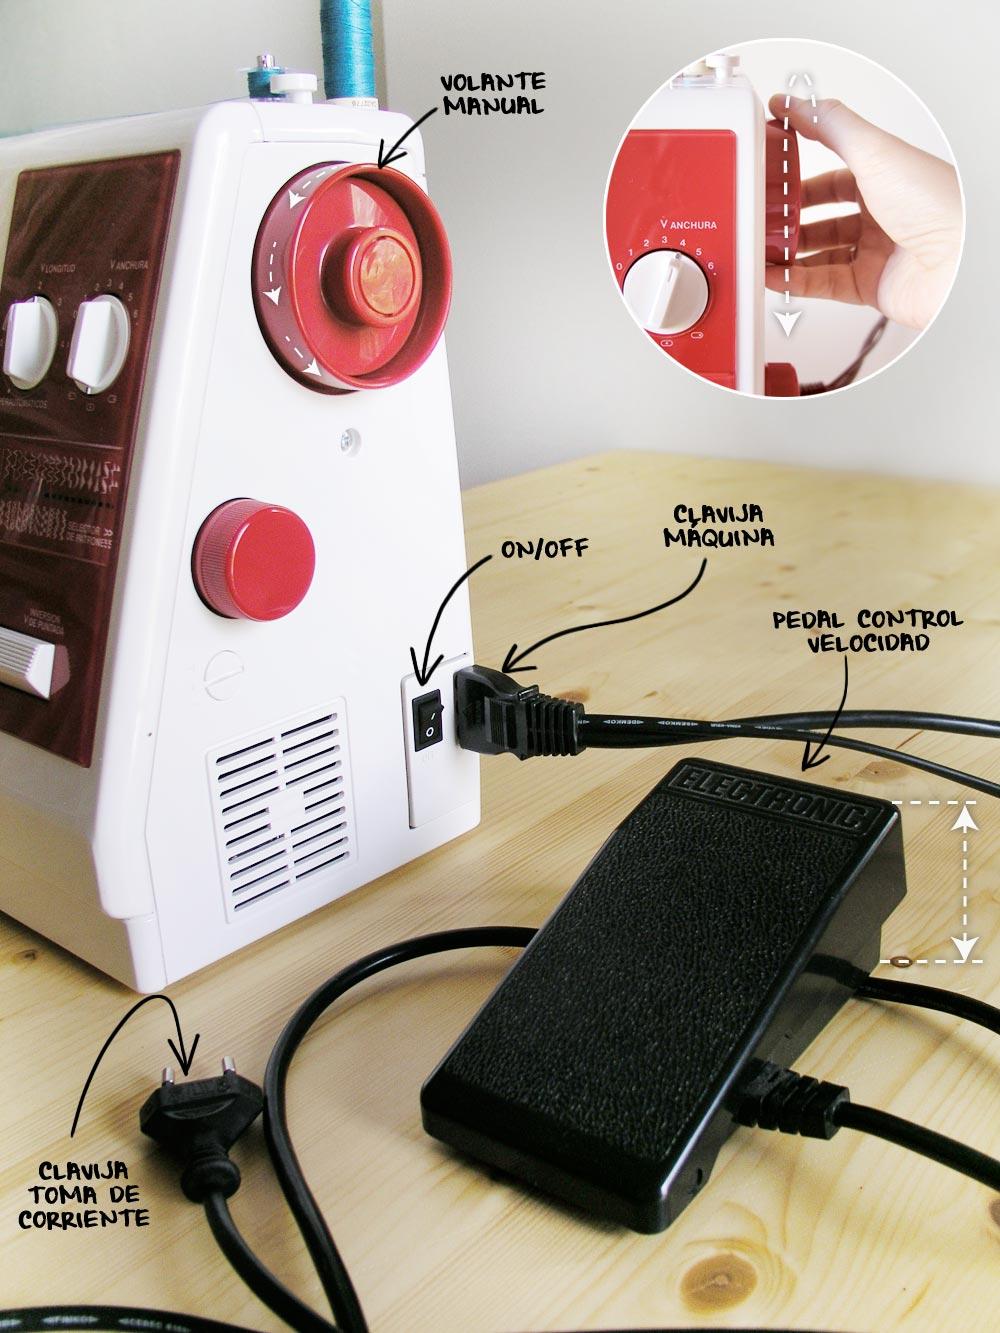 Conectar y encender la máquina de coser